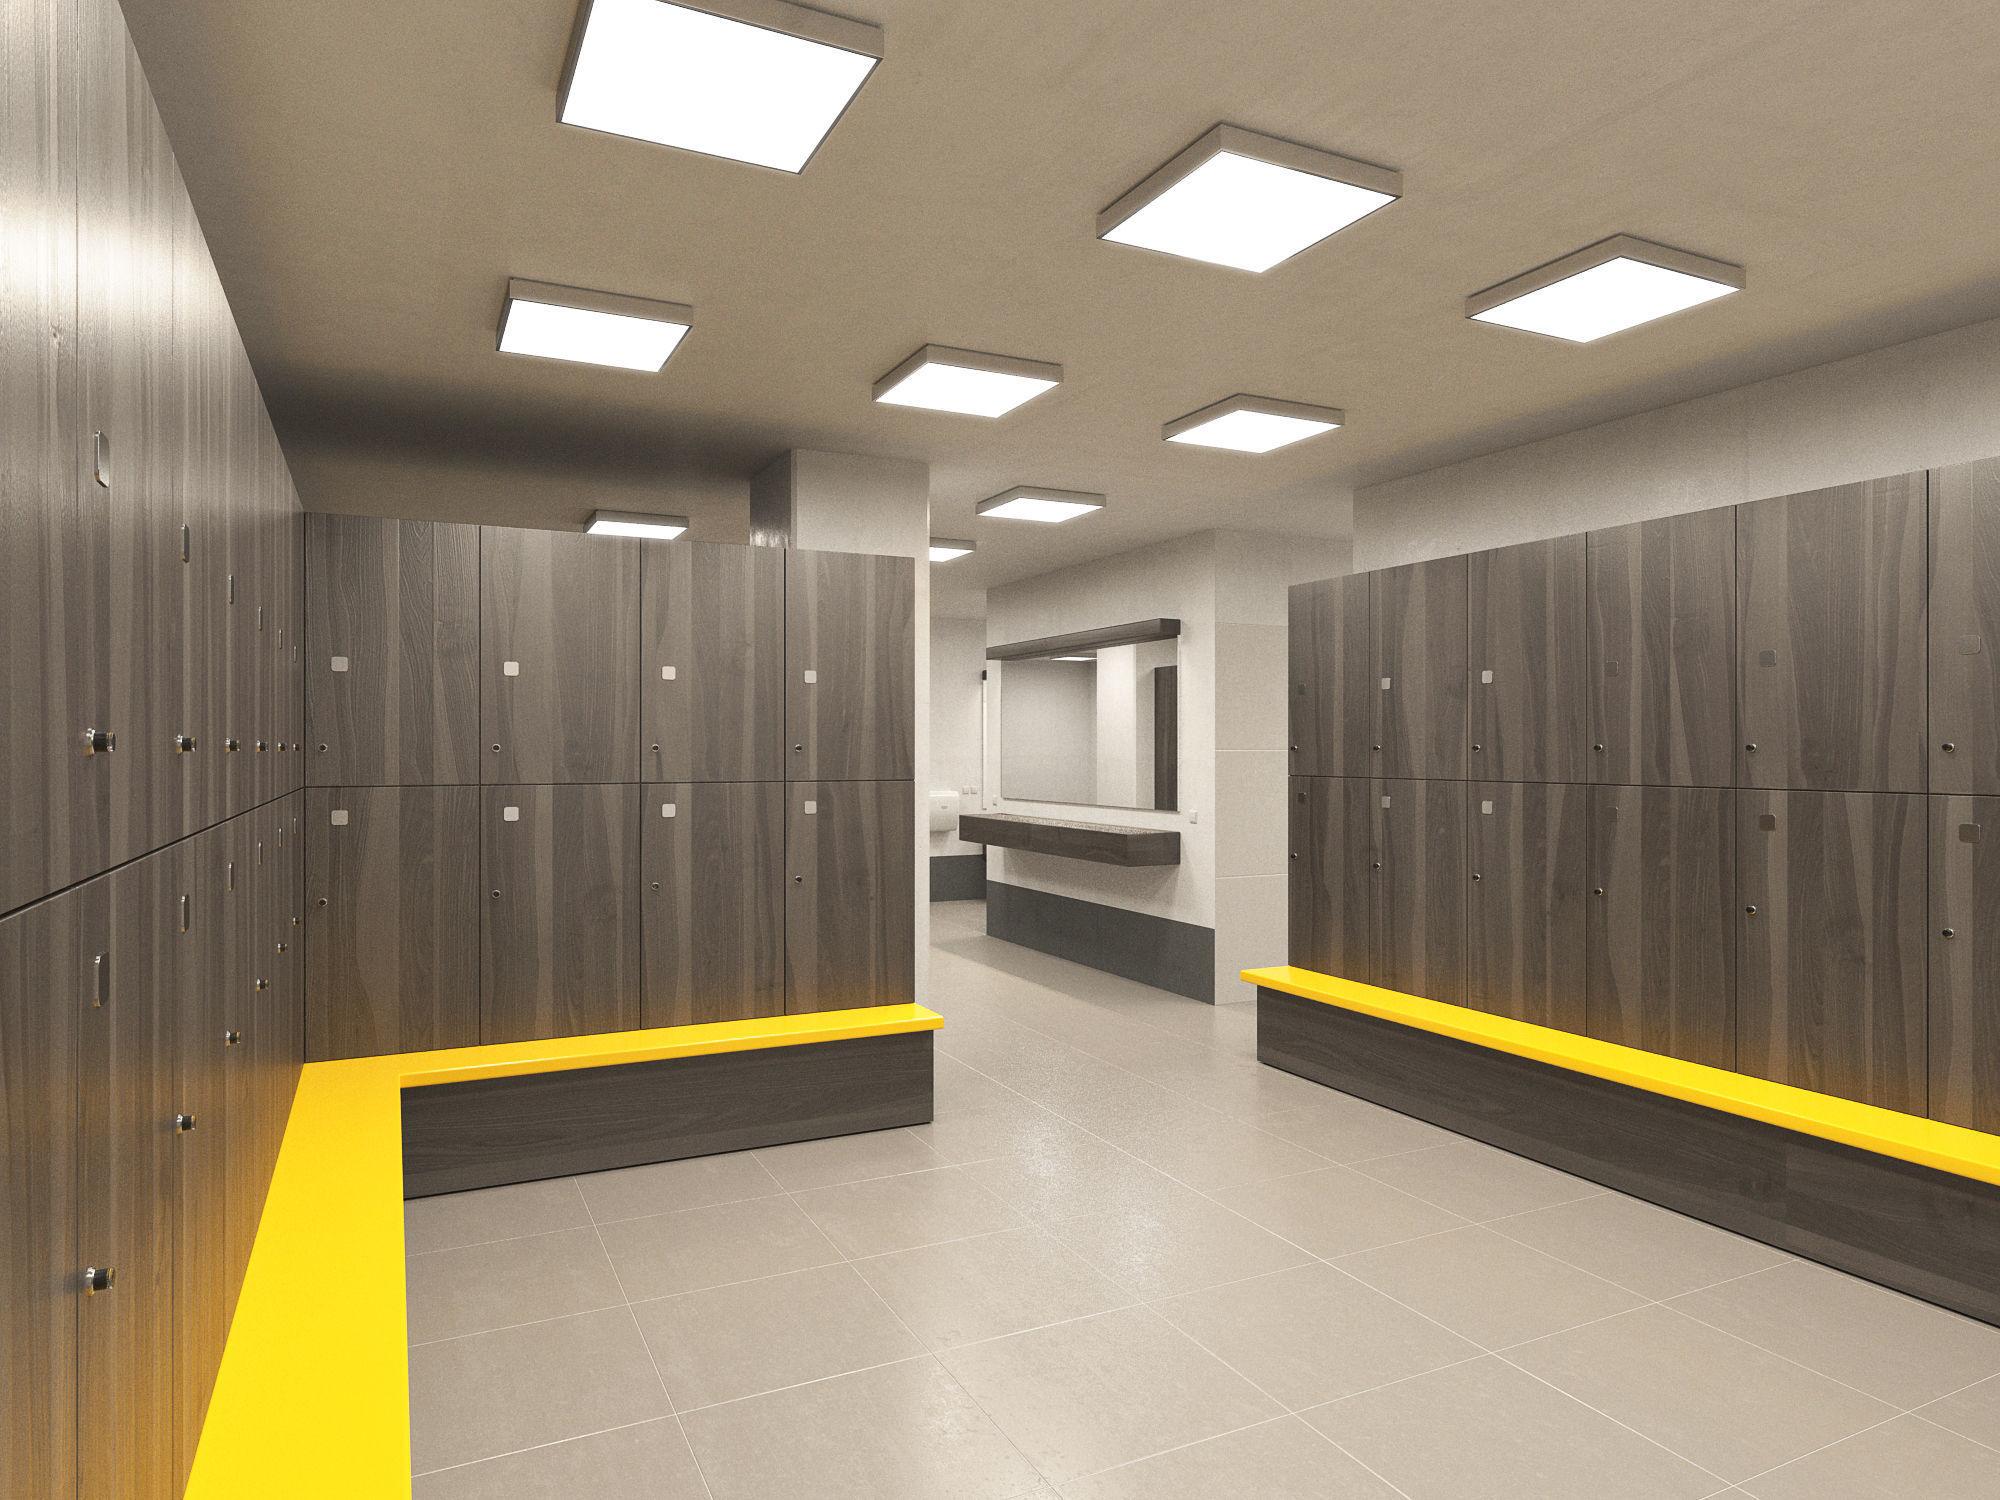 Gym lockerroom d model max bip obj mtl fbx